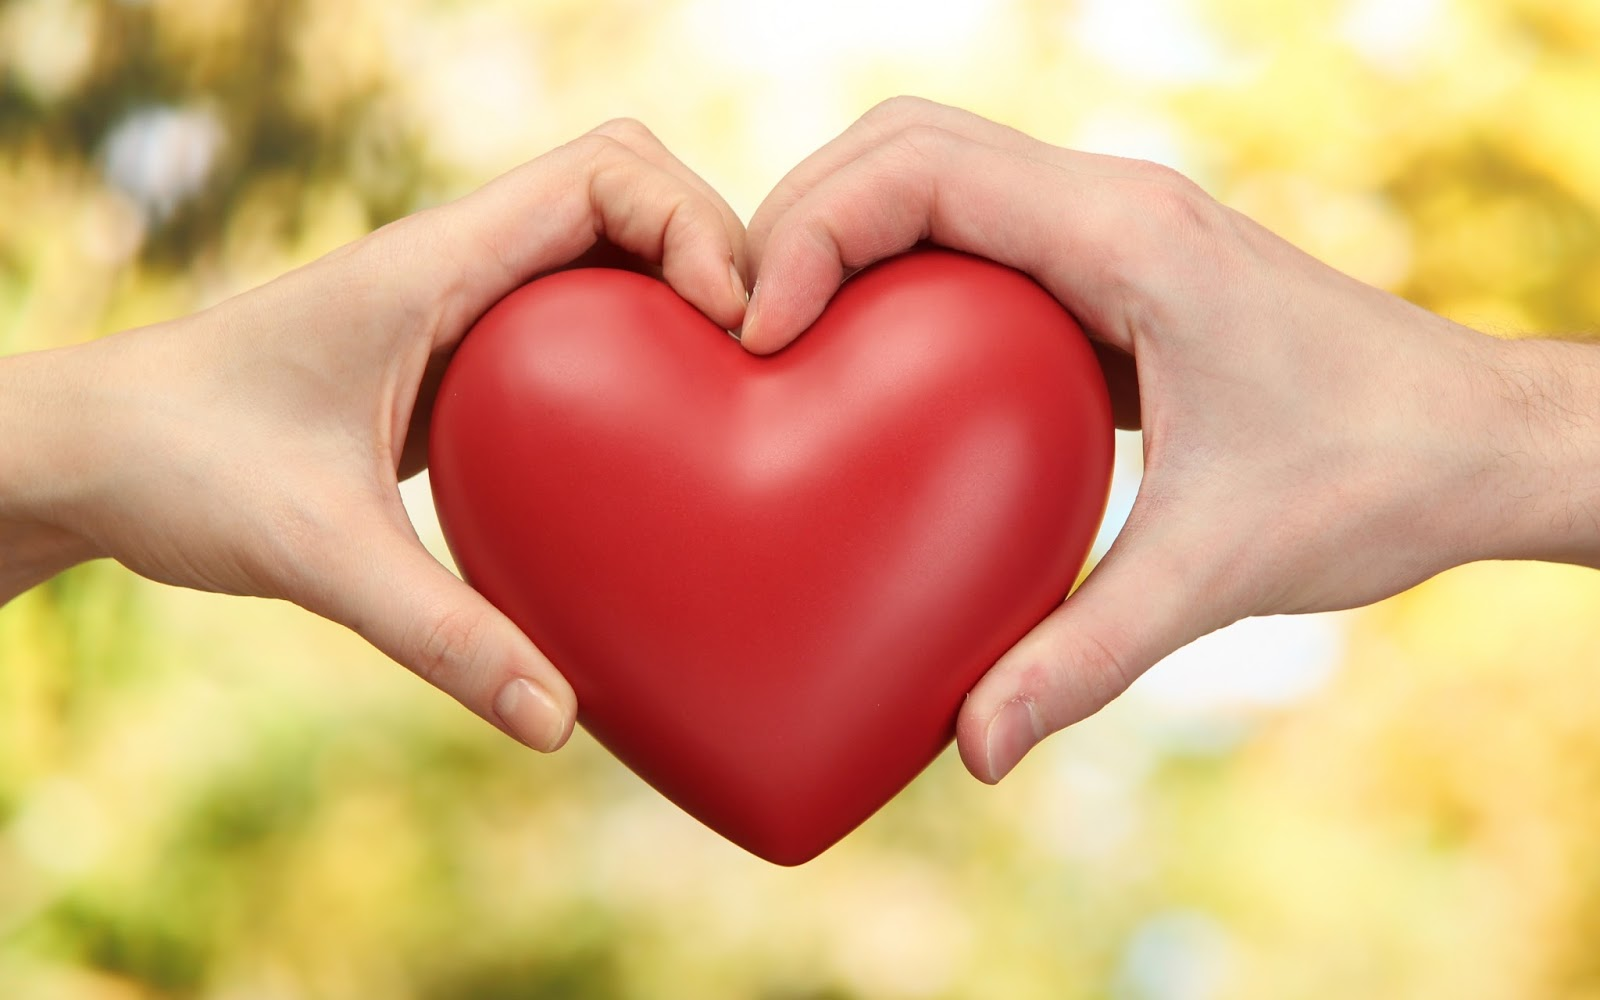 صورة كيف تجعل شخص يحبك وهو بعيد عنك , حبك لشخص غير موجود بجانبك 6194 2